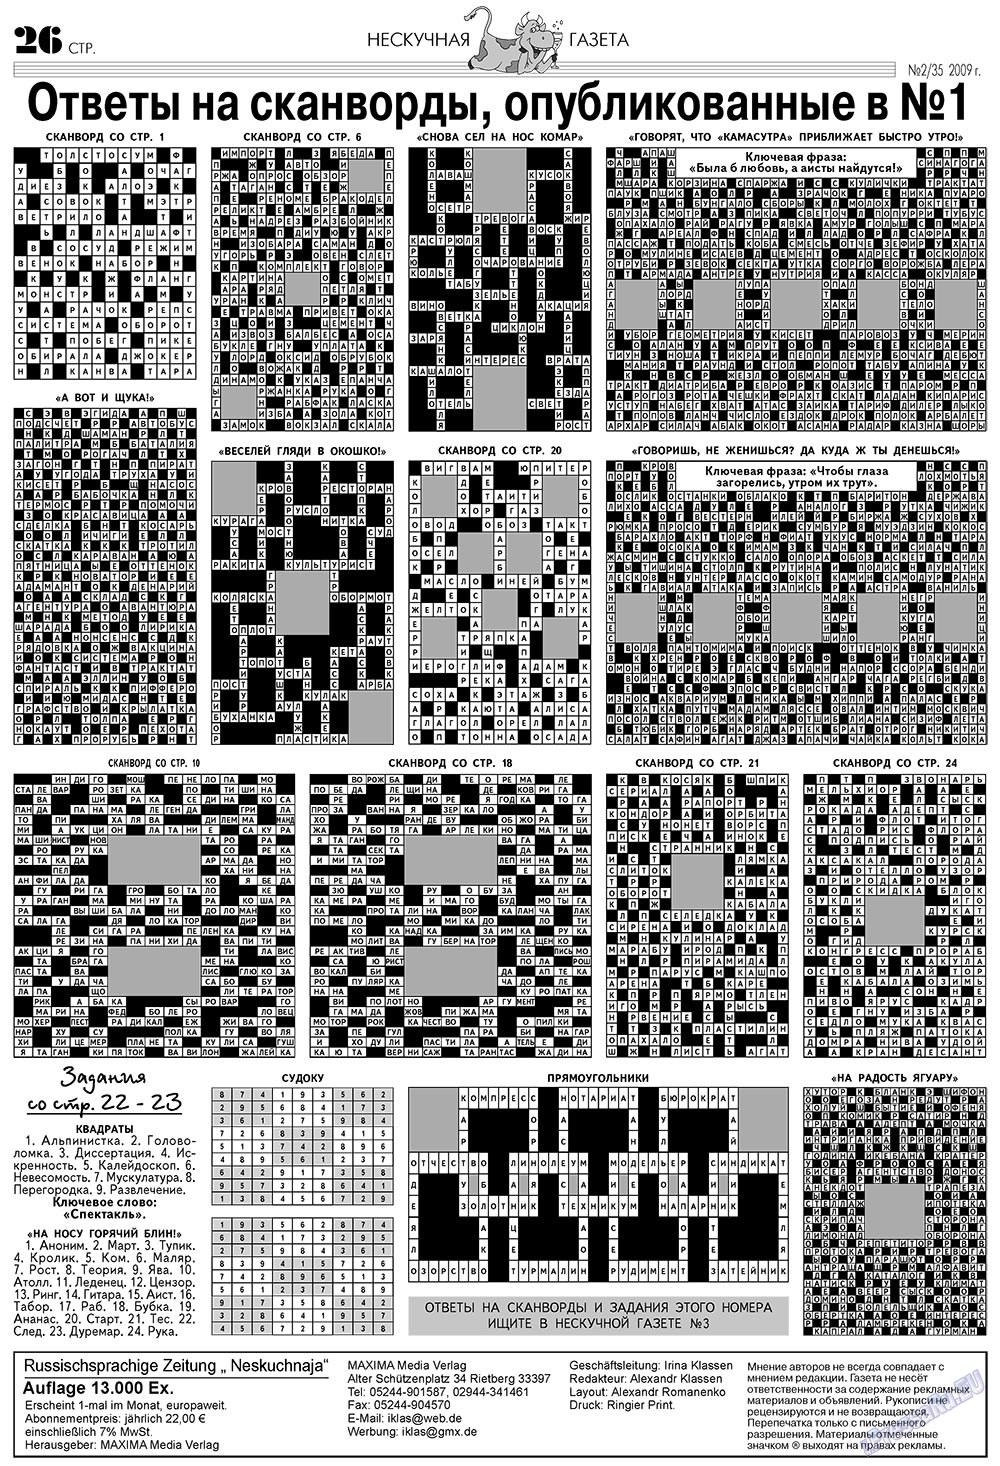 Нескучная газета (газета). 2009 год, номер 2, стр. 22